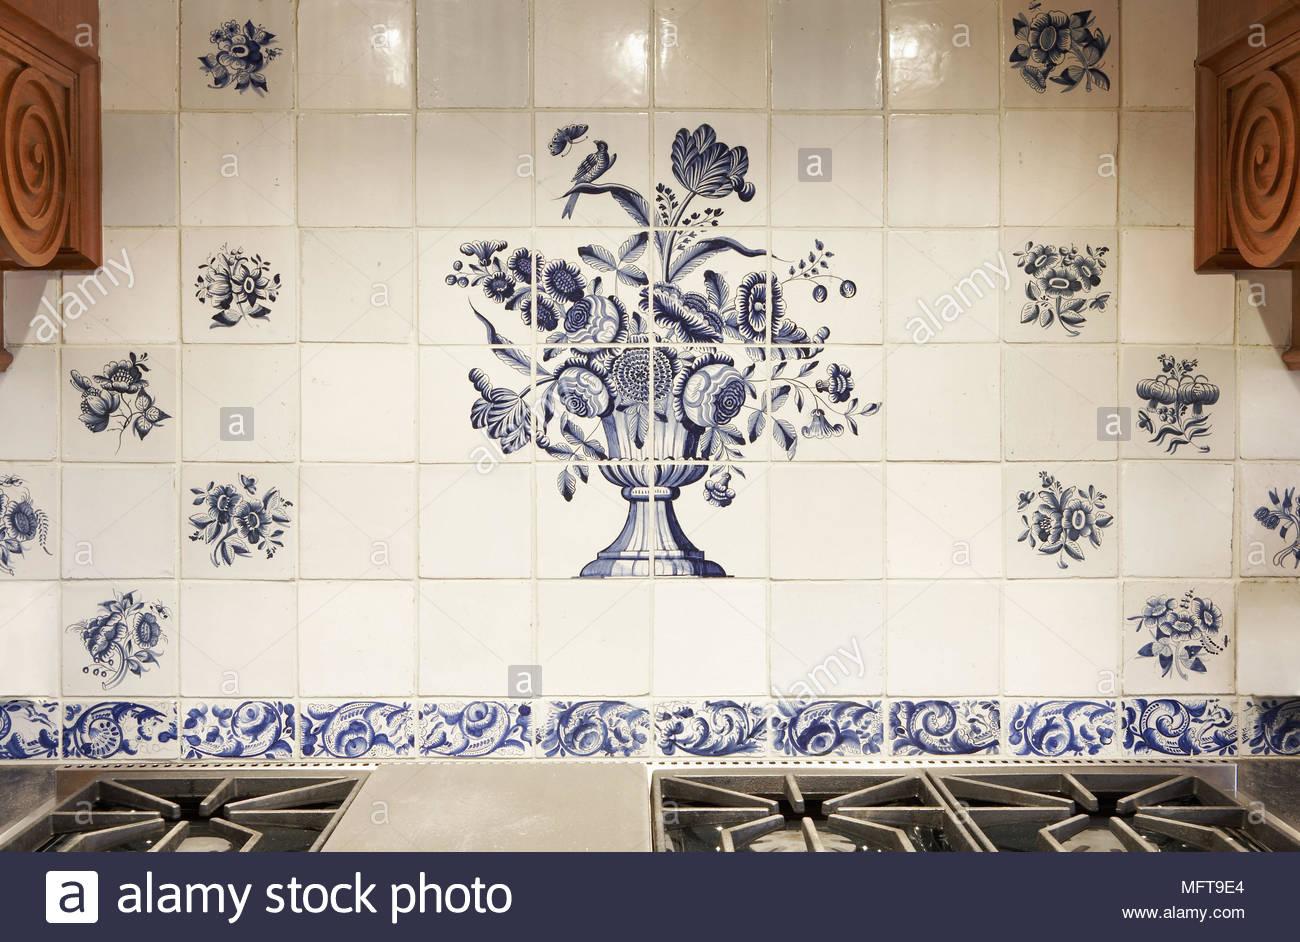 Großzügig Küche Keramikfliesen Bilder Zeitgenössisch - Küchenschrank ...